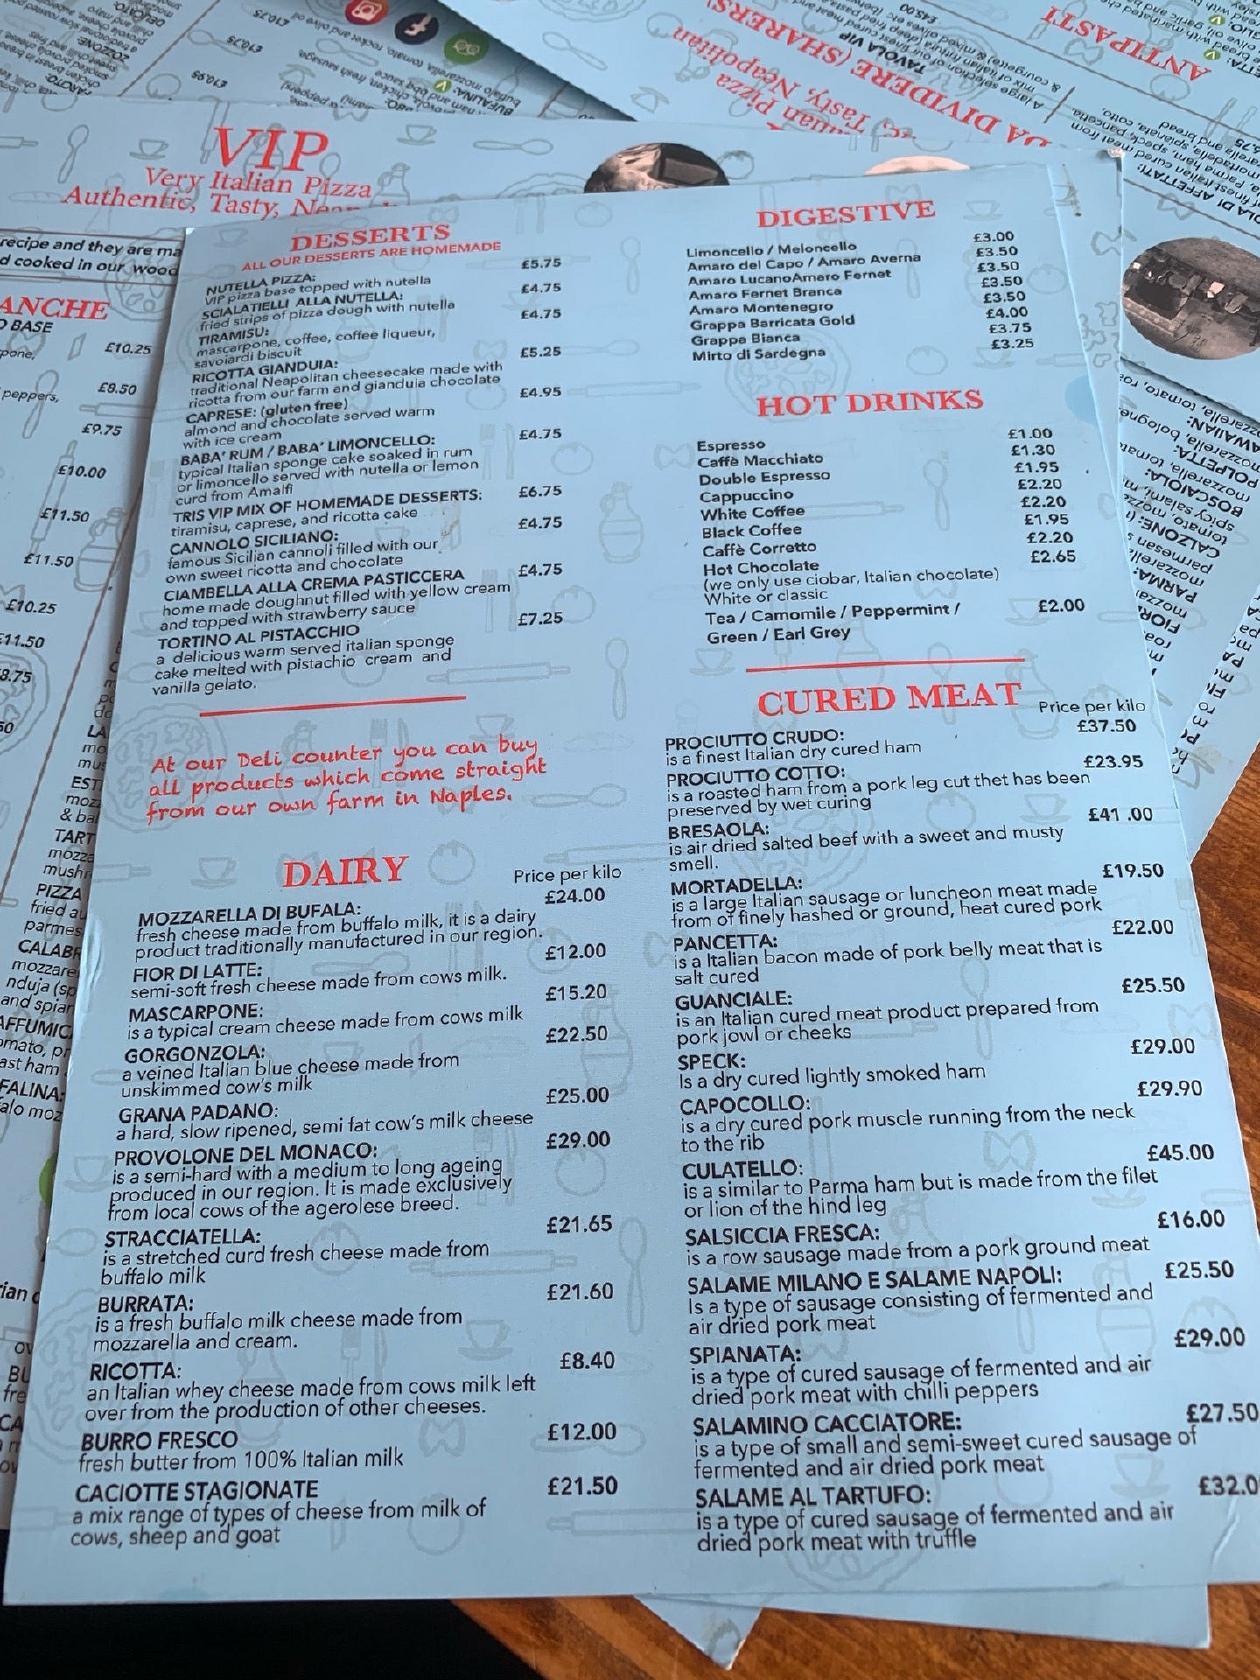 Vip Pizza 67 Lustrells Vale In Brighton Restaurant Menu